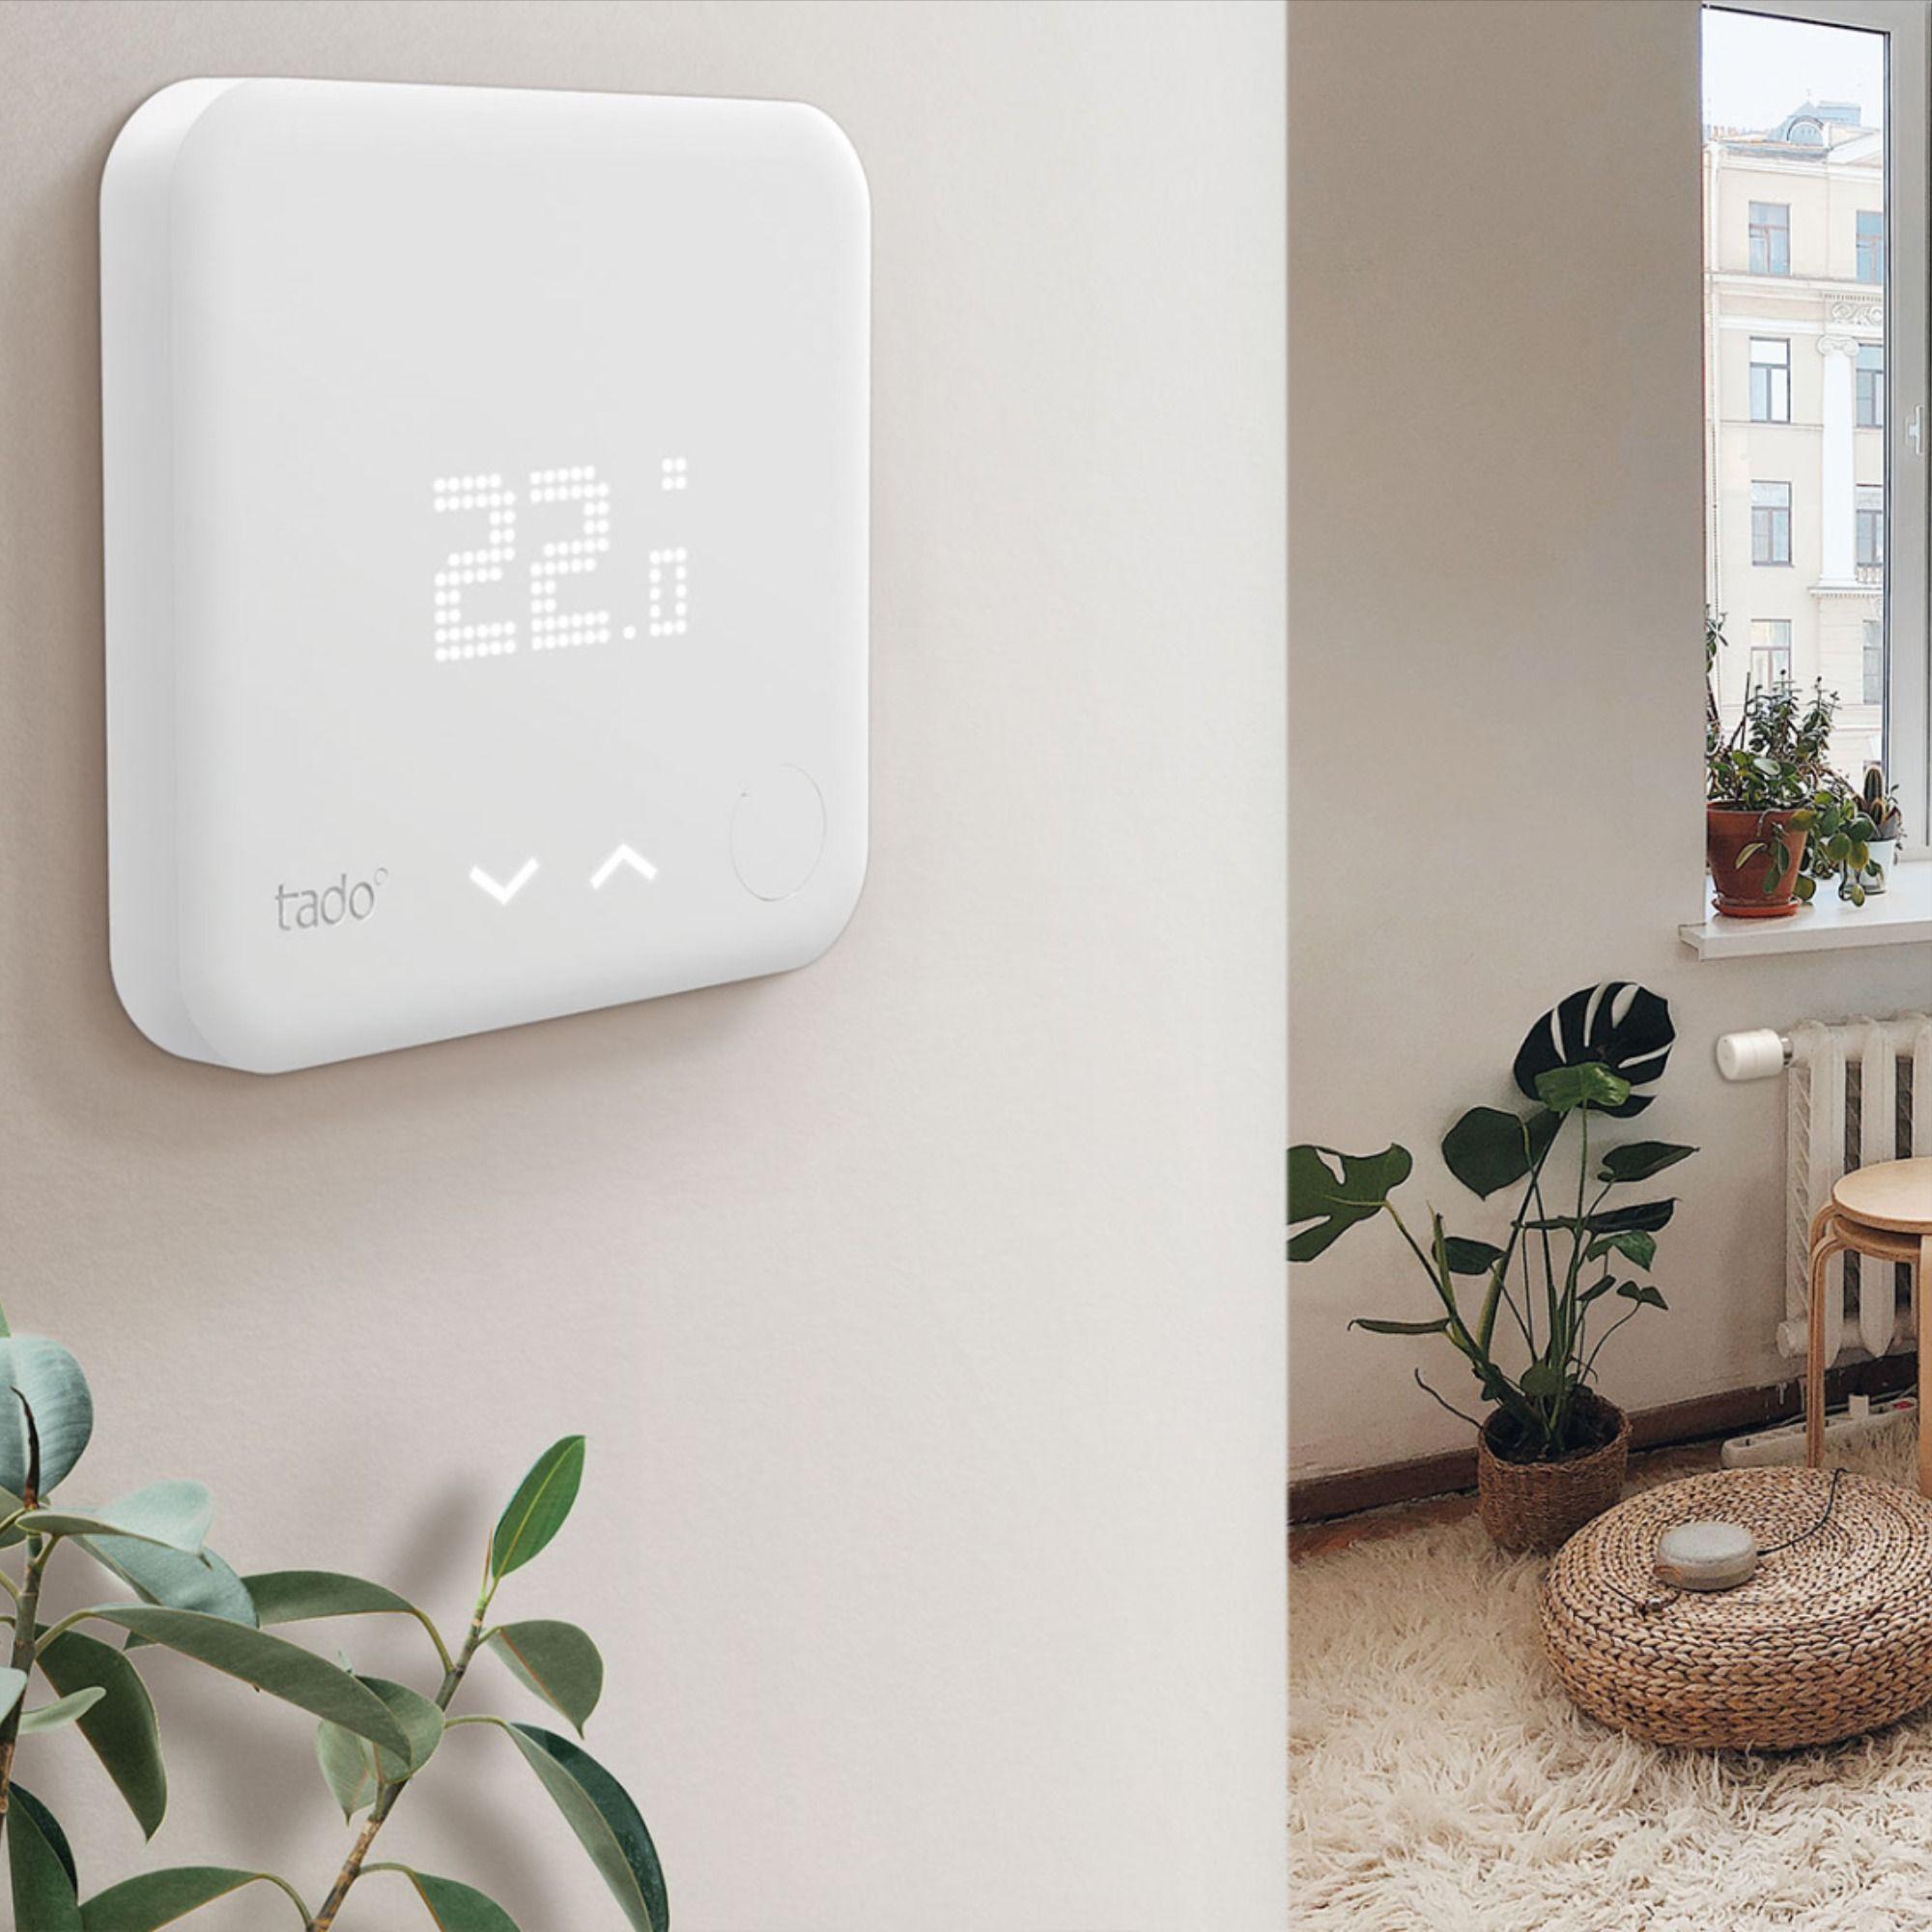 Energie Sparen Im Haushalt In 2020 Energie Sparen Hausbau Tipps Energie